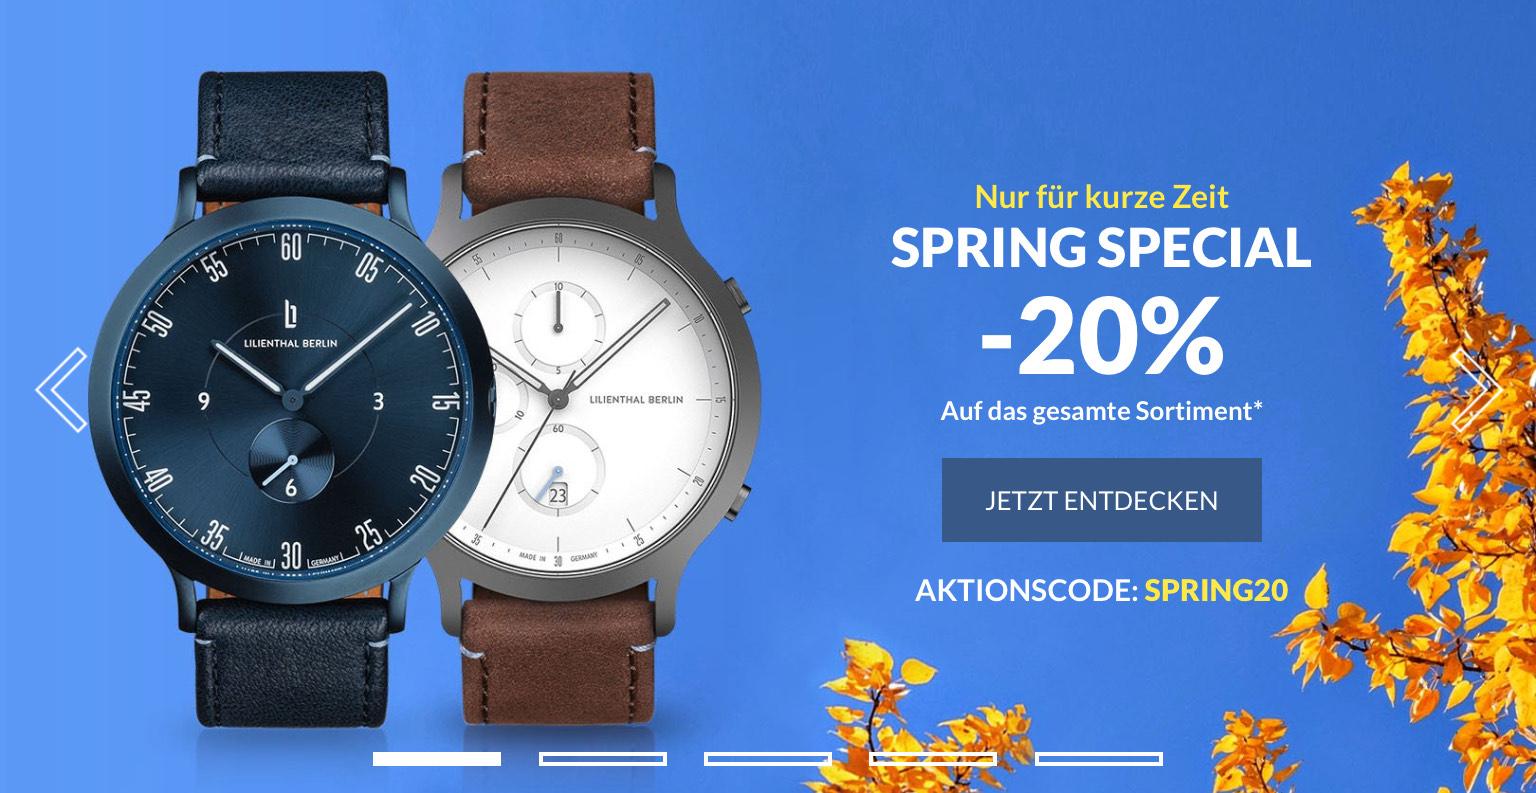 Lilienthal Uhren Berlin - 20% auf alle Uhren